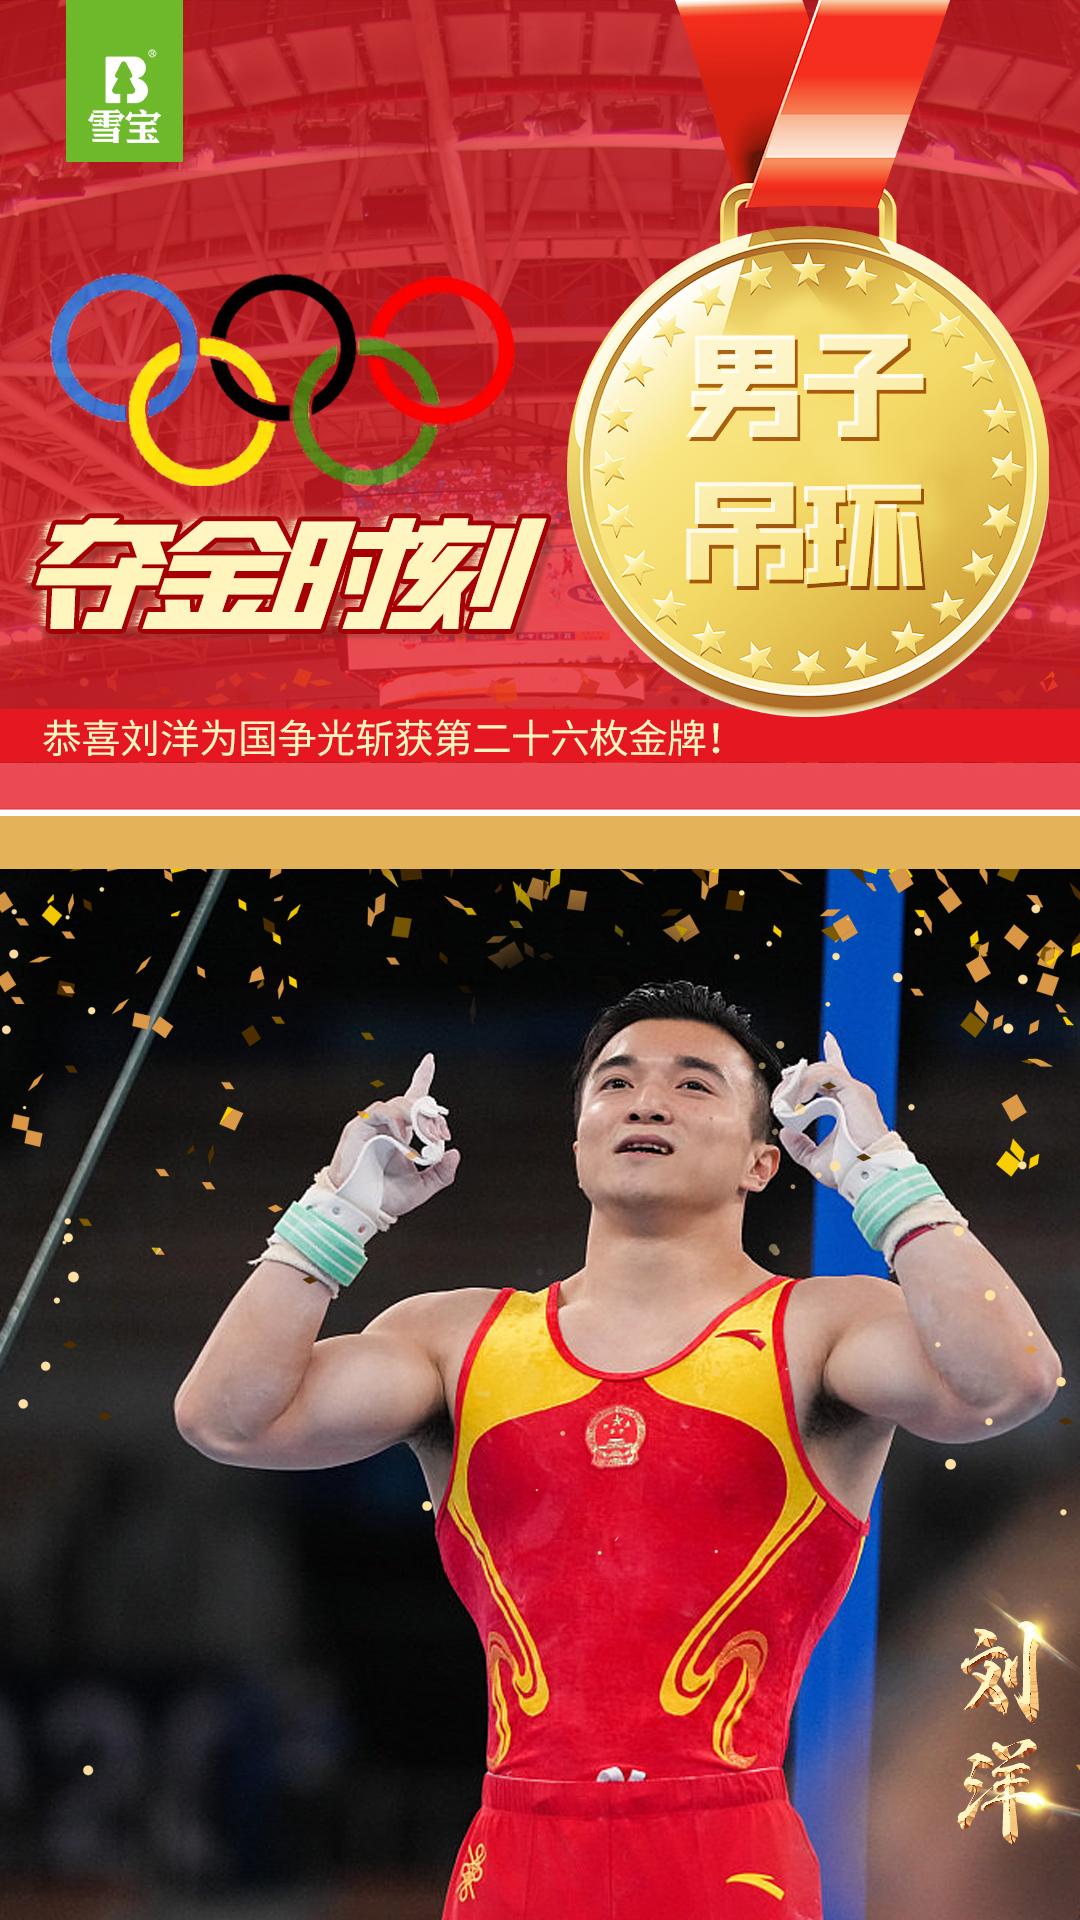 刘洋竞技体操男子吊环金牌